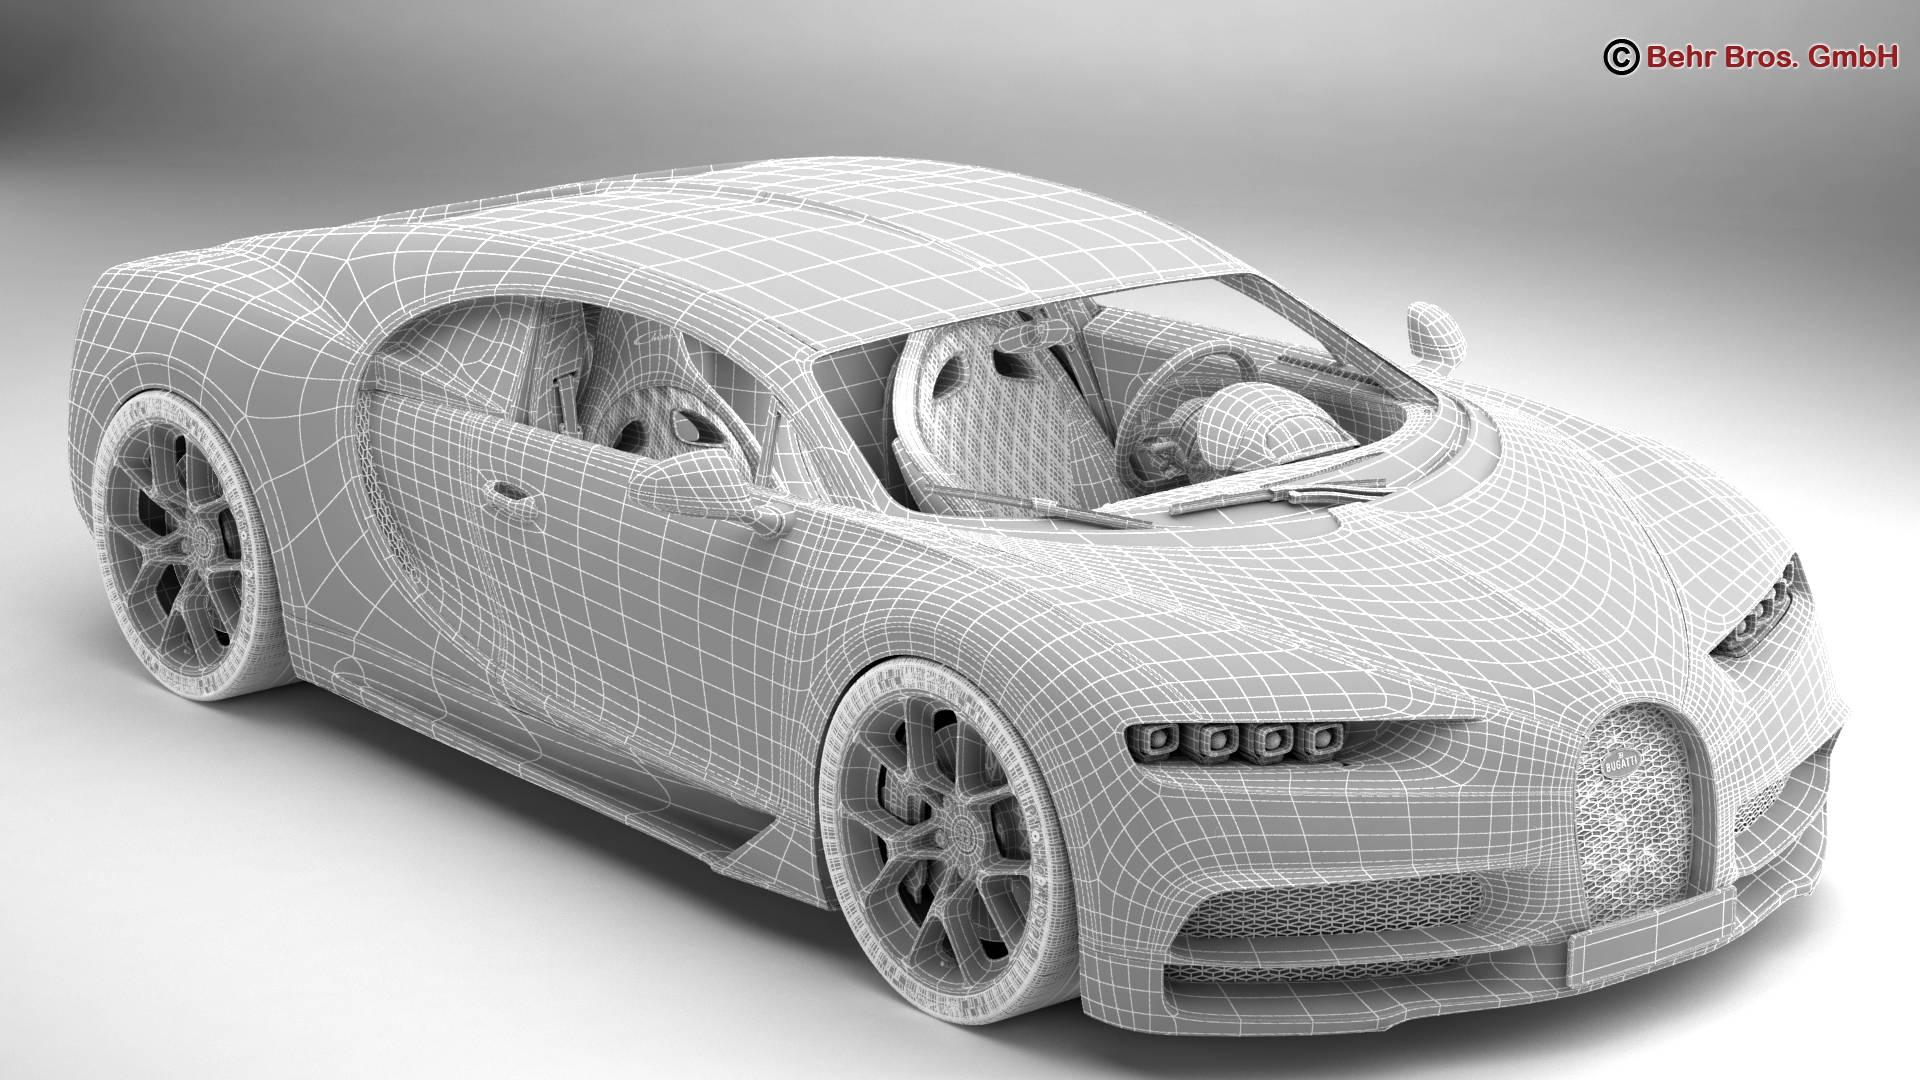 bugatti chiron 2017 3d model 3ds max fbx c4d lwo ma mb obj 222121